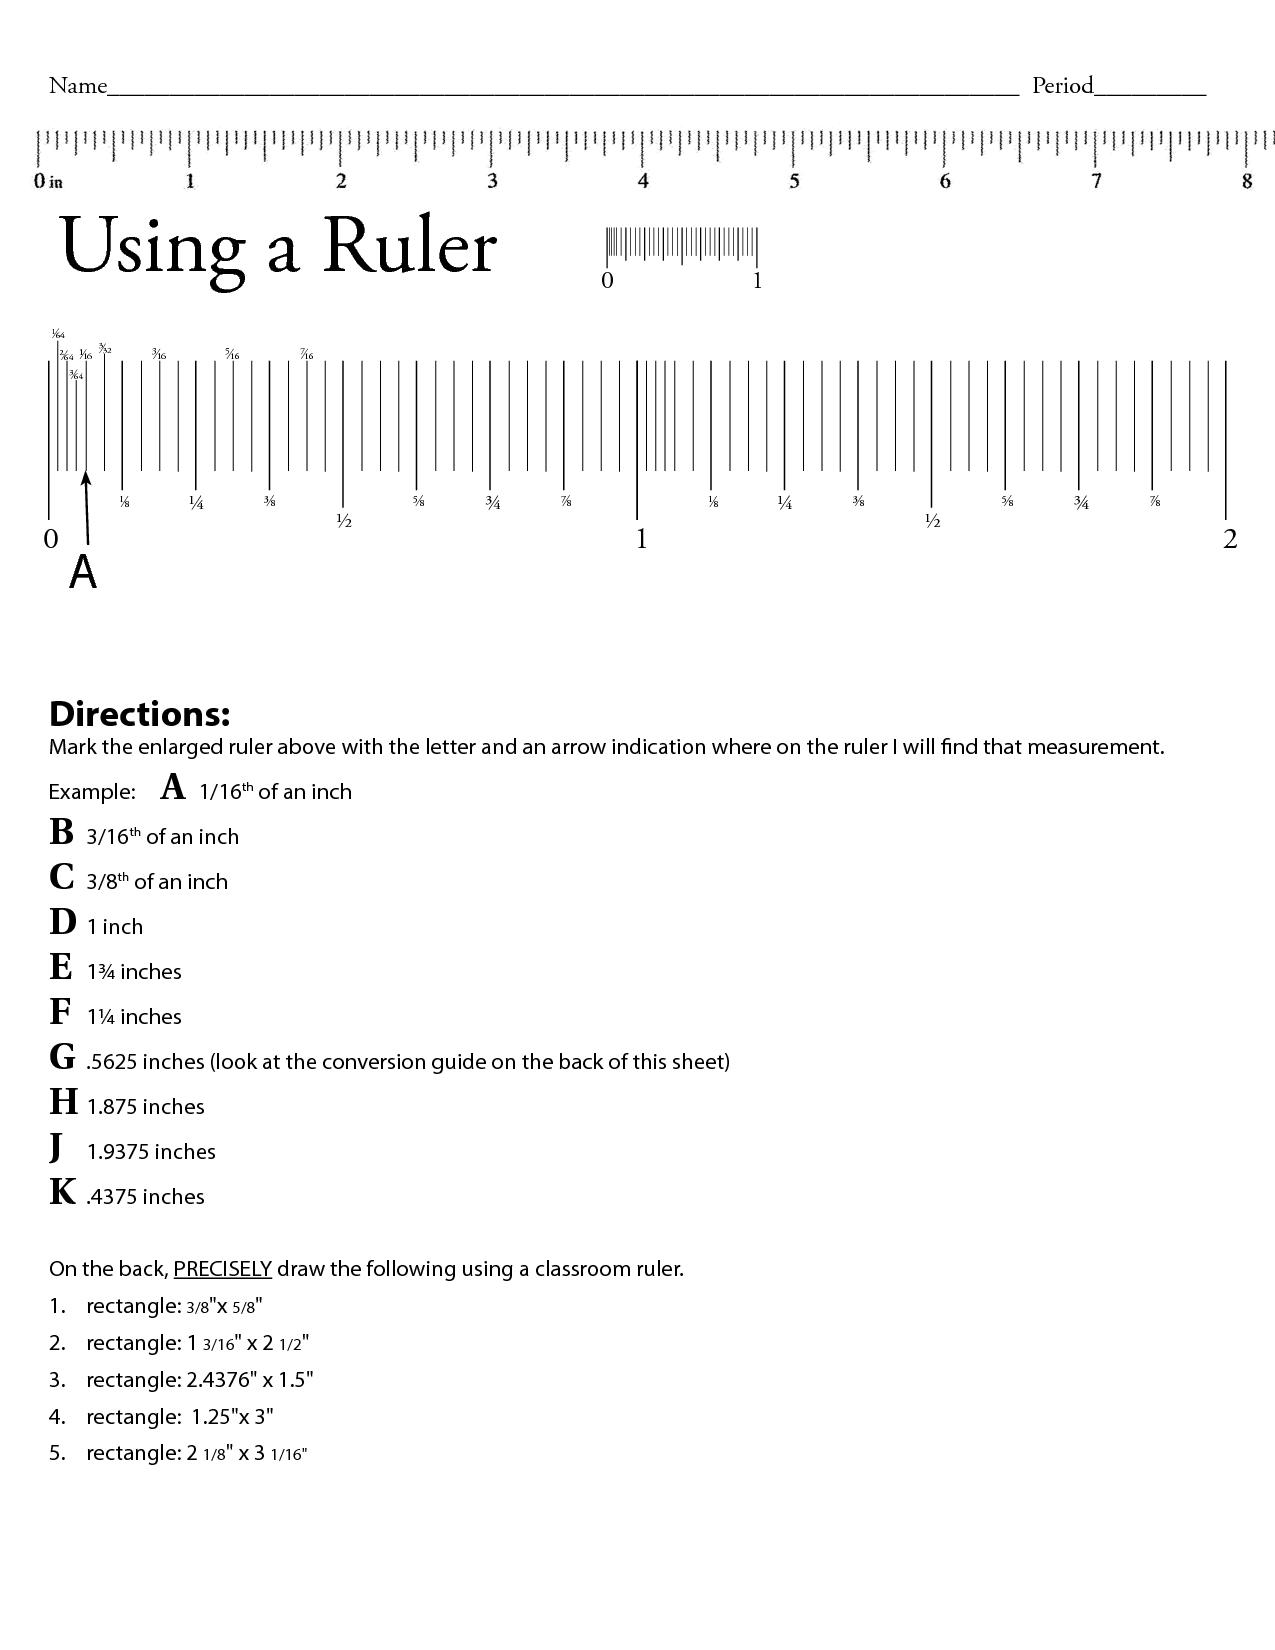 Worksheet Ruler Measurement Anwser